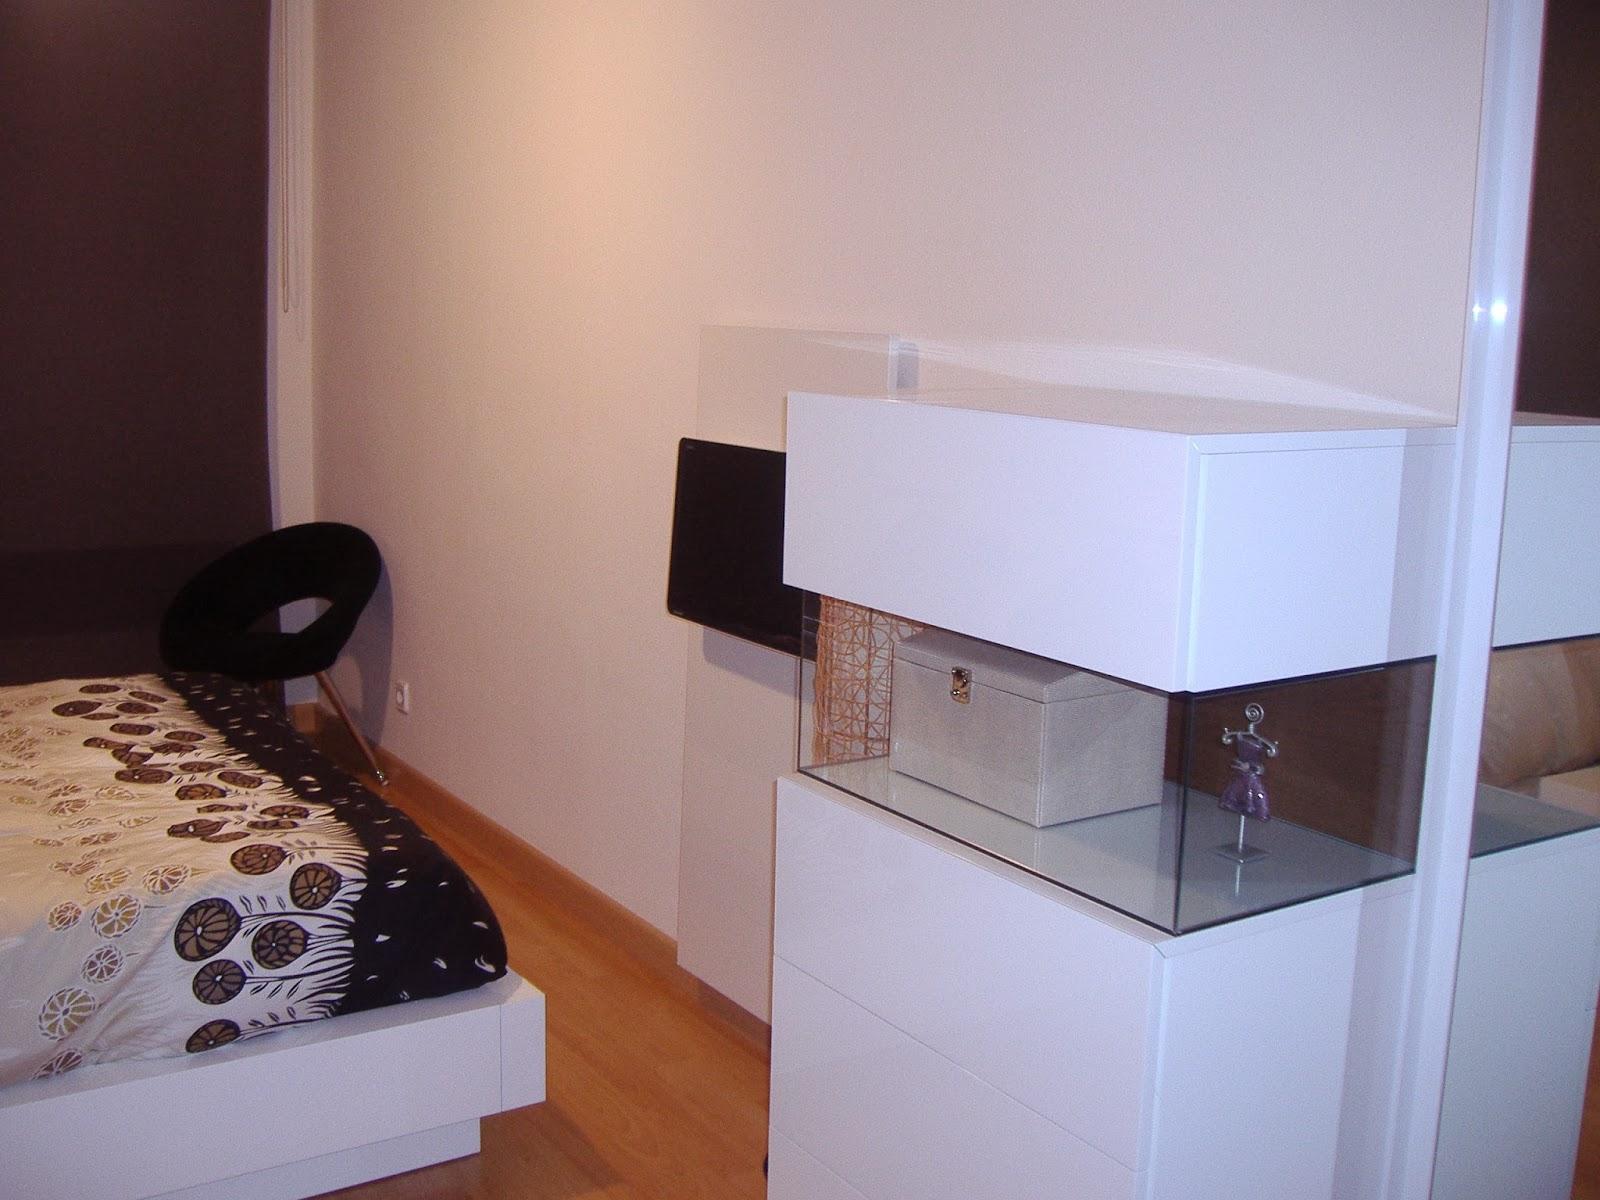 Mueble para tv ikea excellent un mueble de televisin - Mueble para tv ikea ...